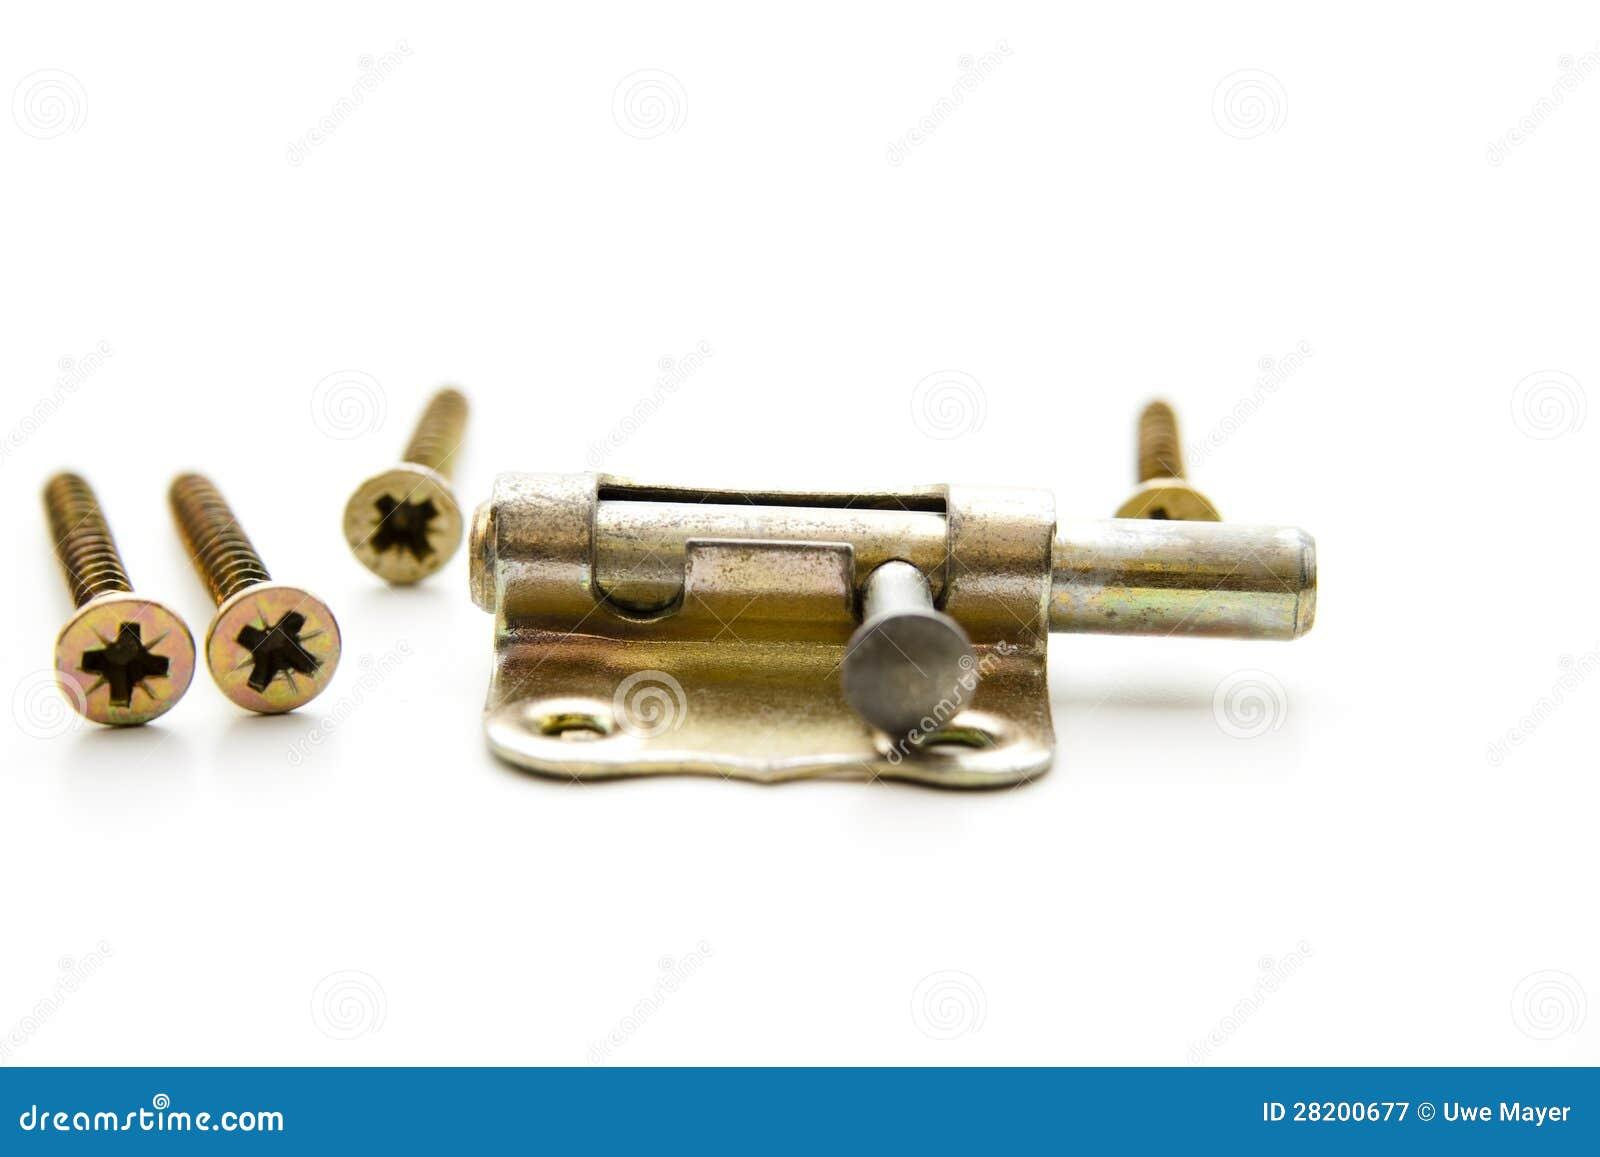 Door fastener  sc 1 st  Dreamstime.com & Door fastener stock image. Image of iron craftsman background ...